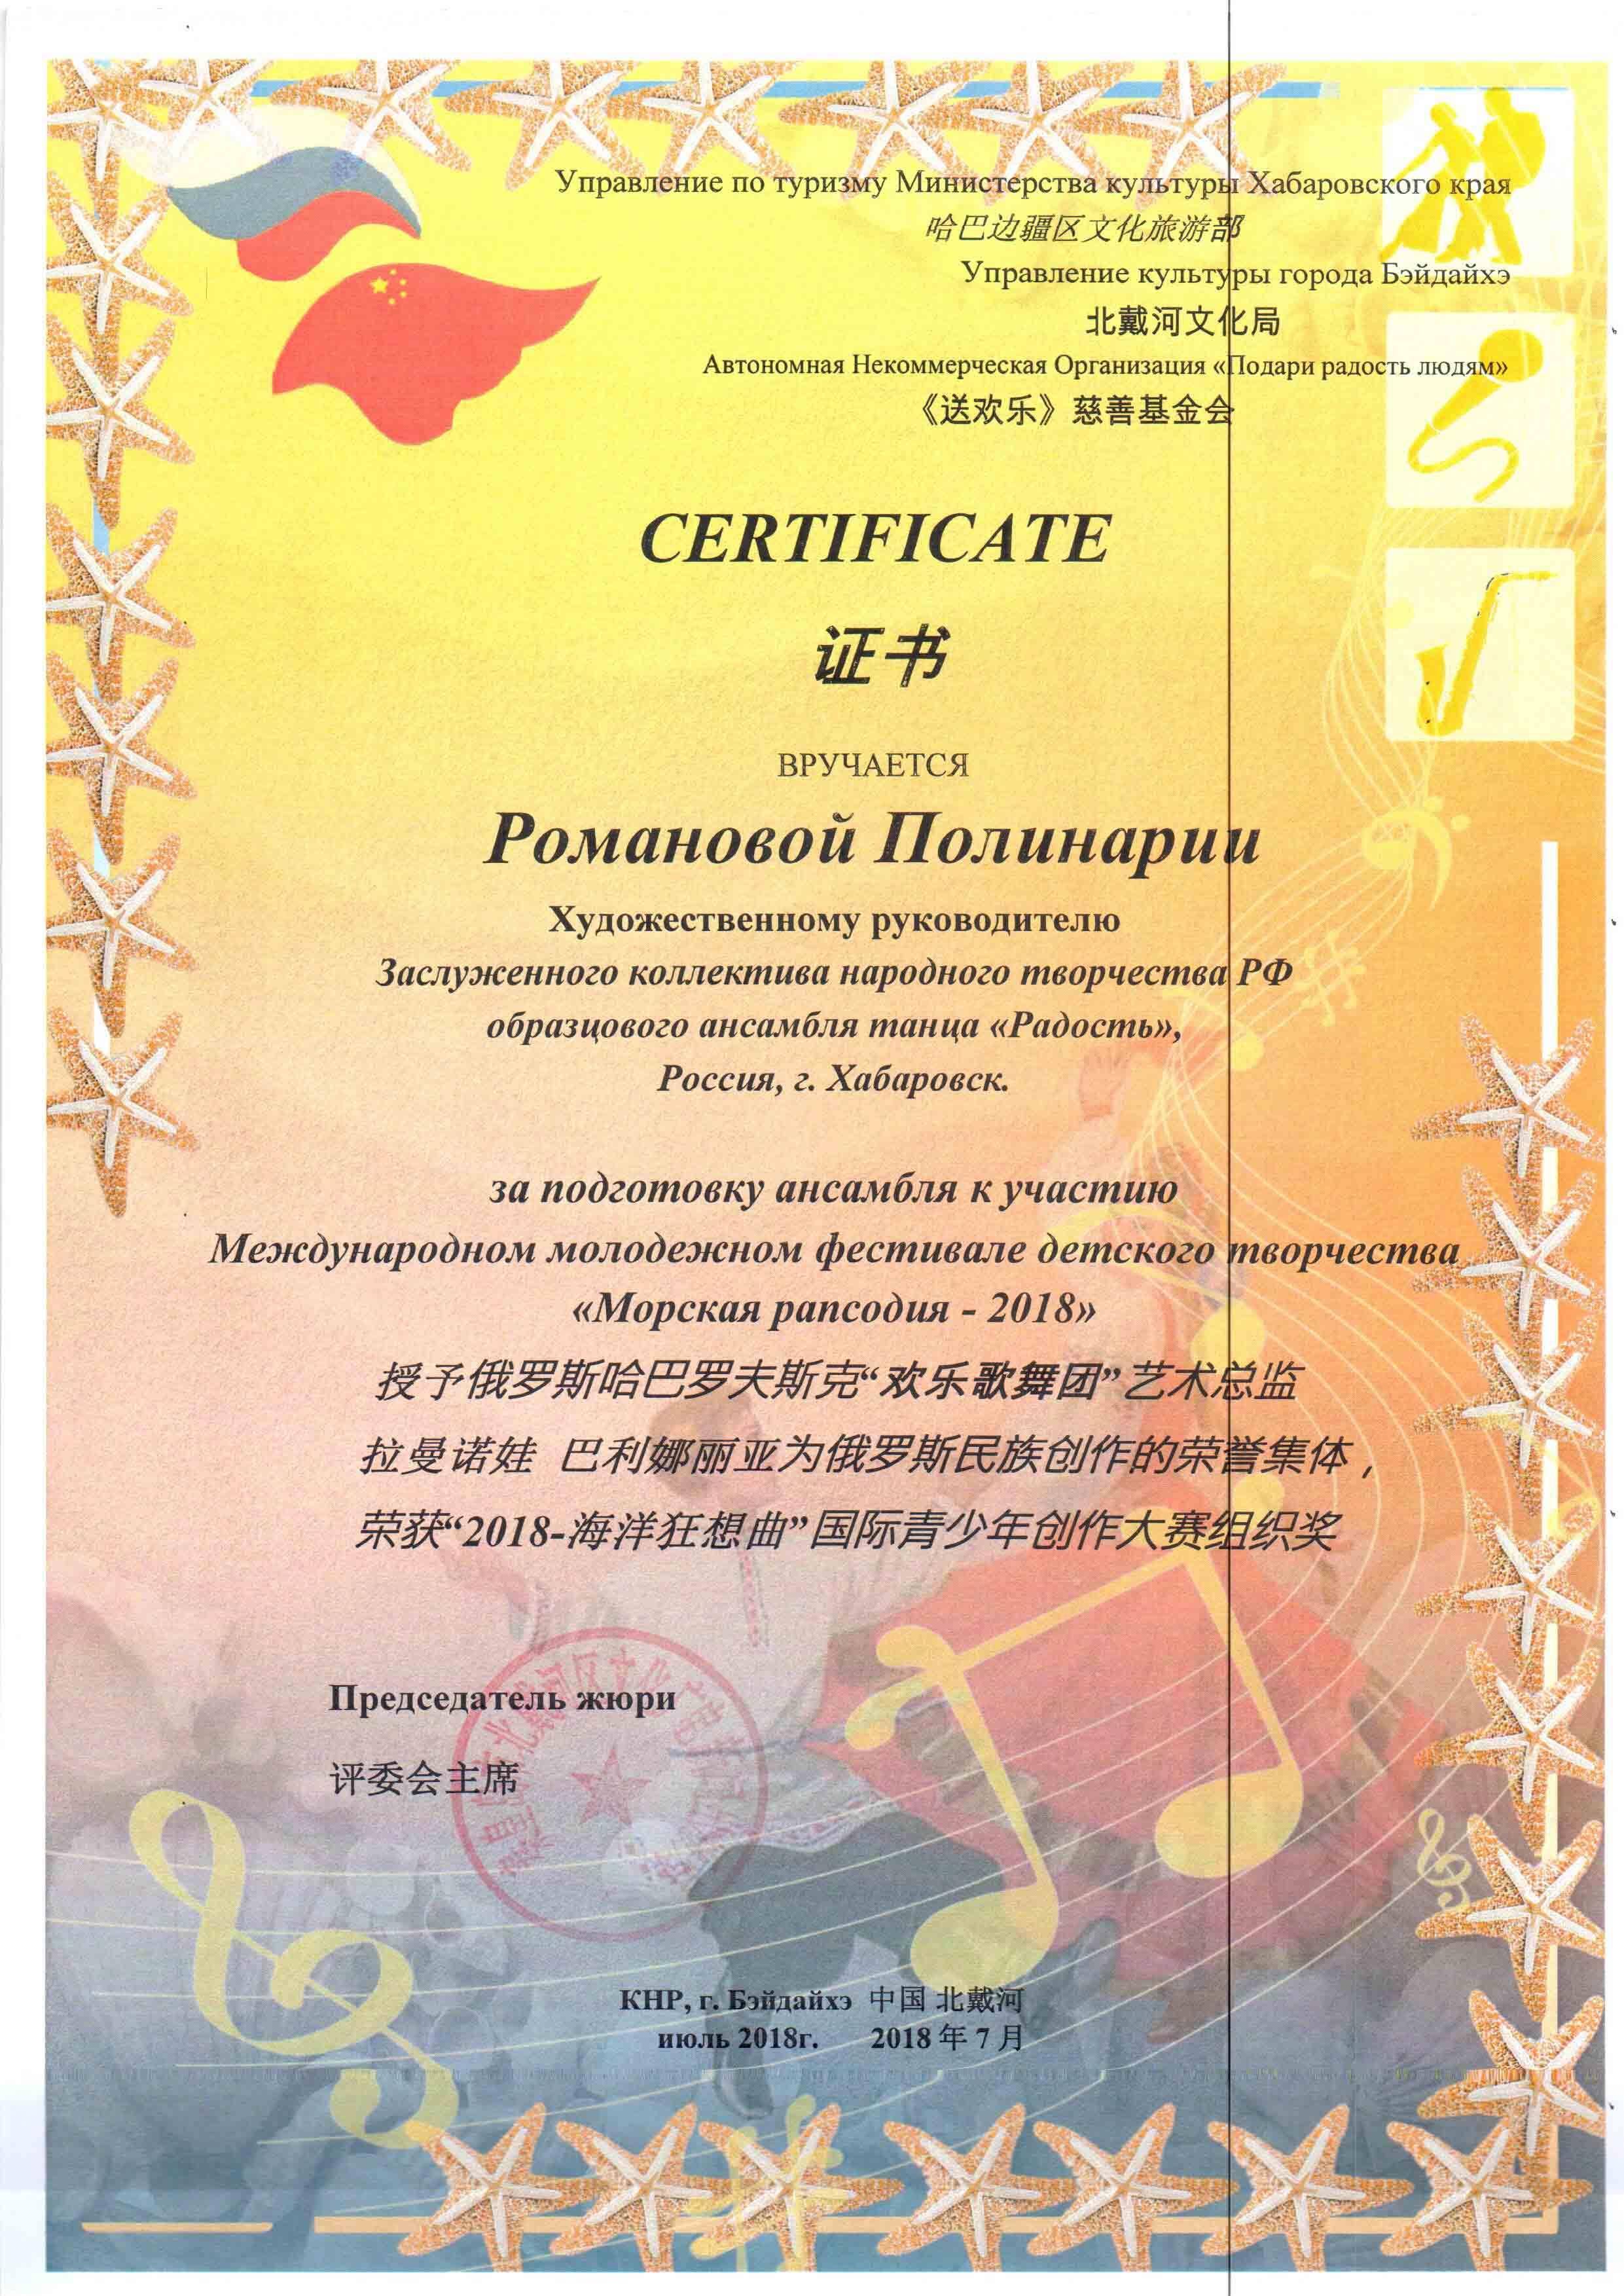 Сертификат Полинарии Романовой